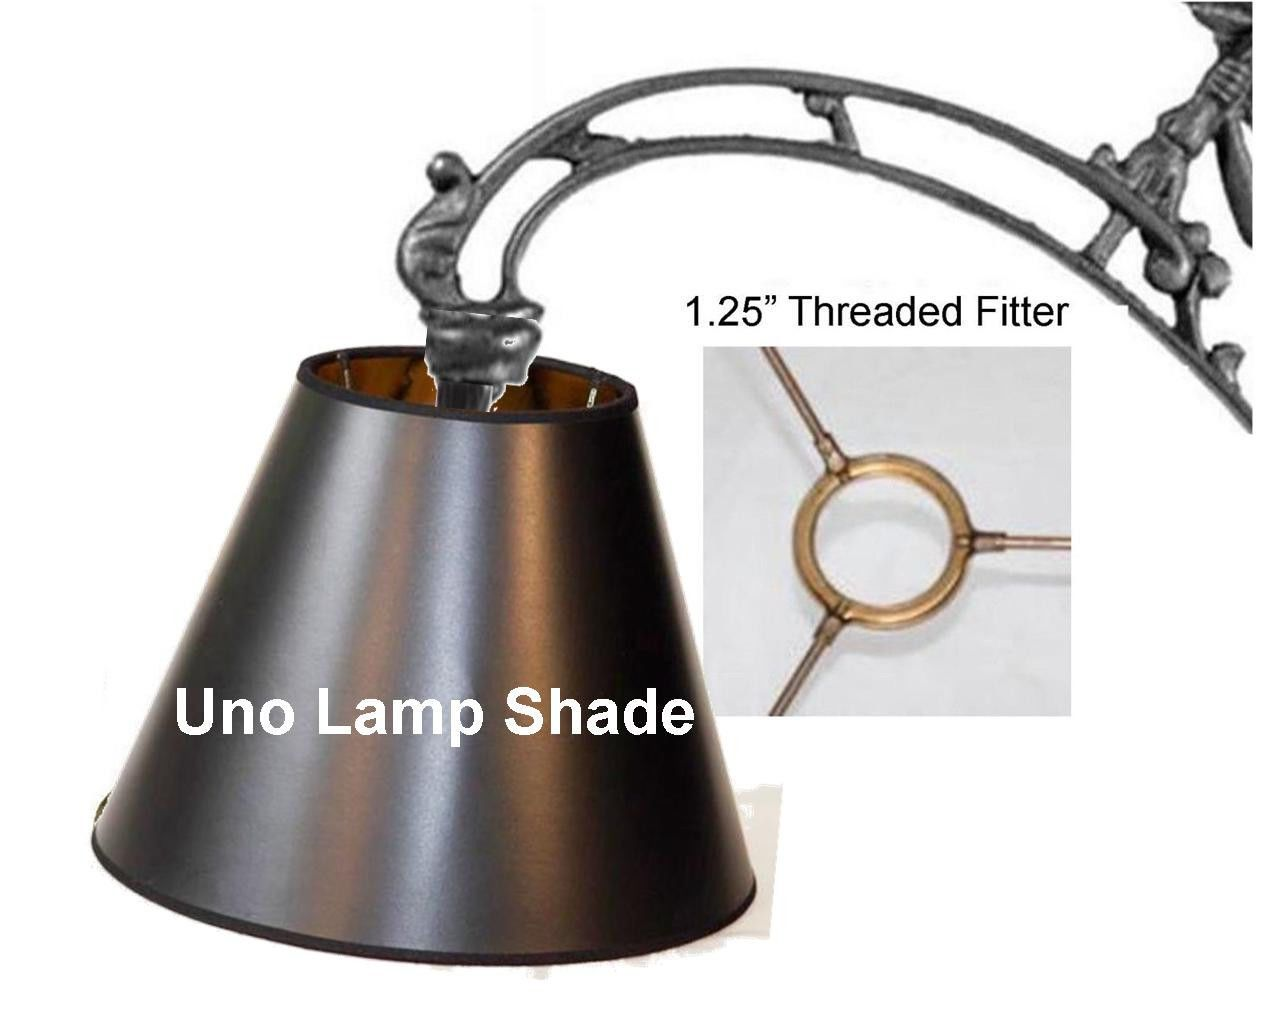 Black Paper Uno Lamp Shade 12 W Uno Lamp Shades Lamp Shade Lamp